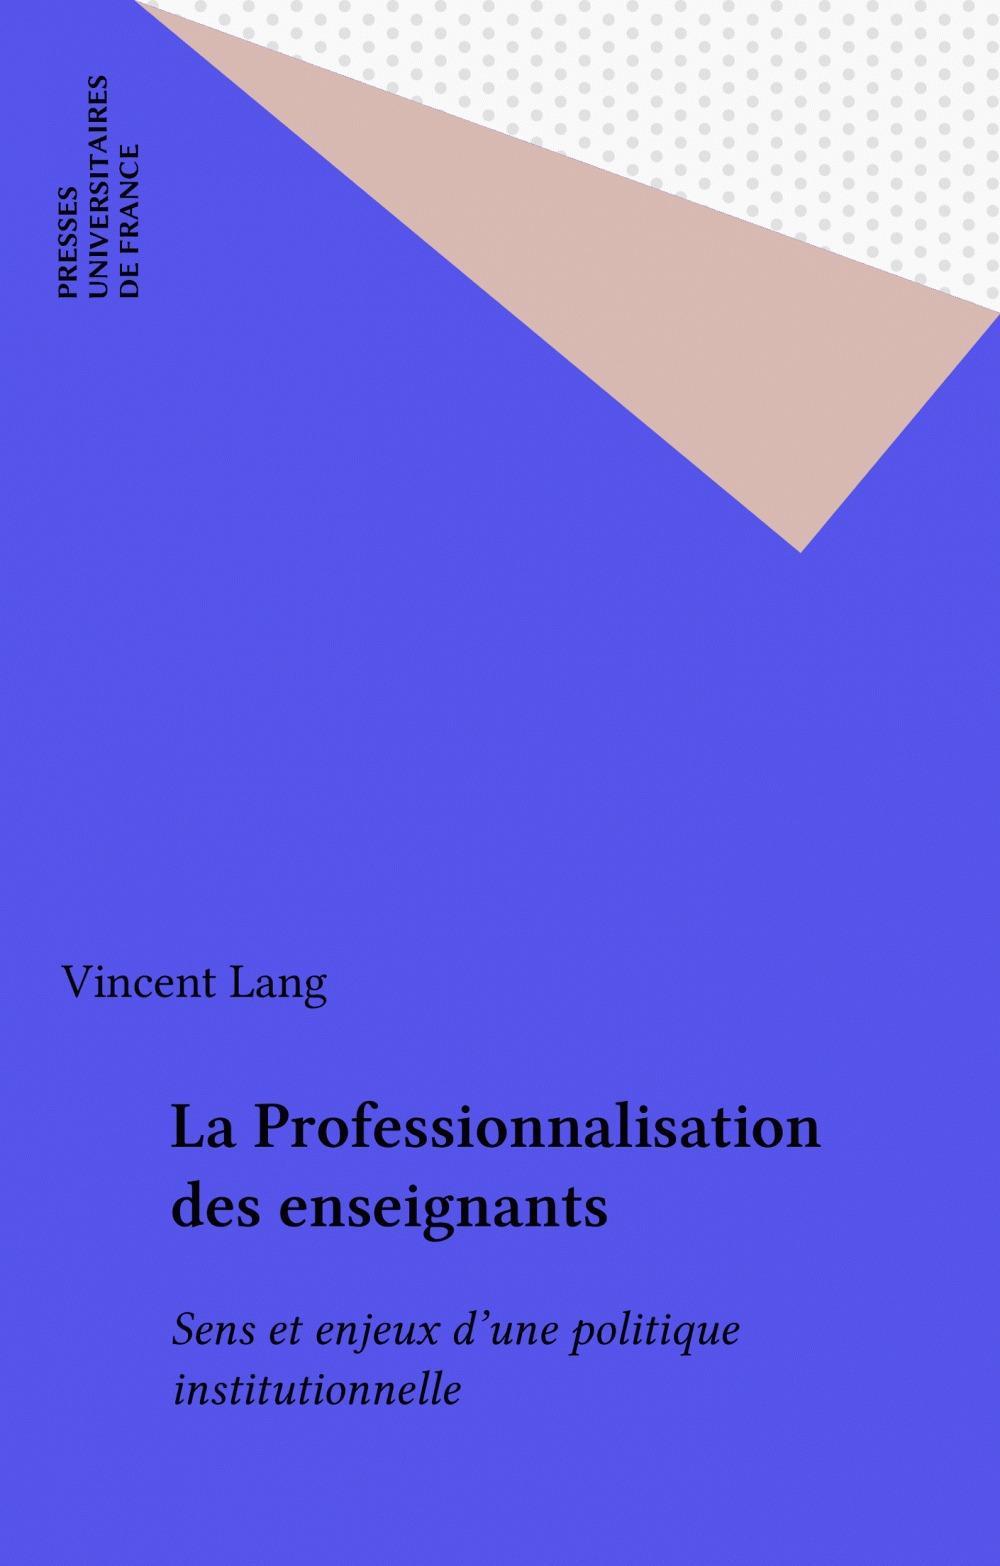 La professionnalisation des enseignants ; sens et enjeux d'une politique institutionnelle